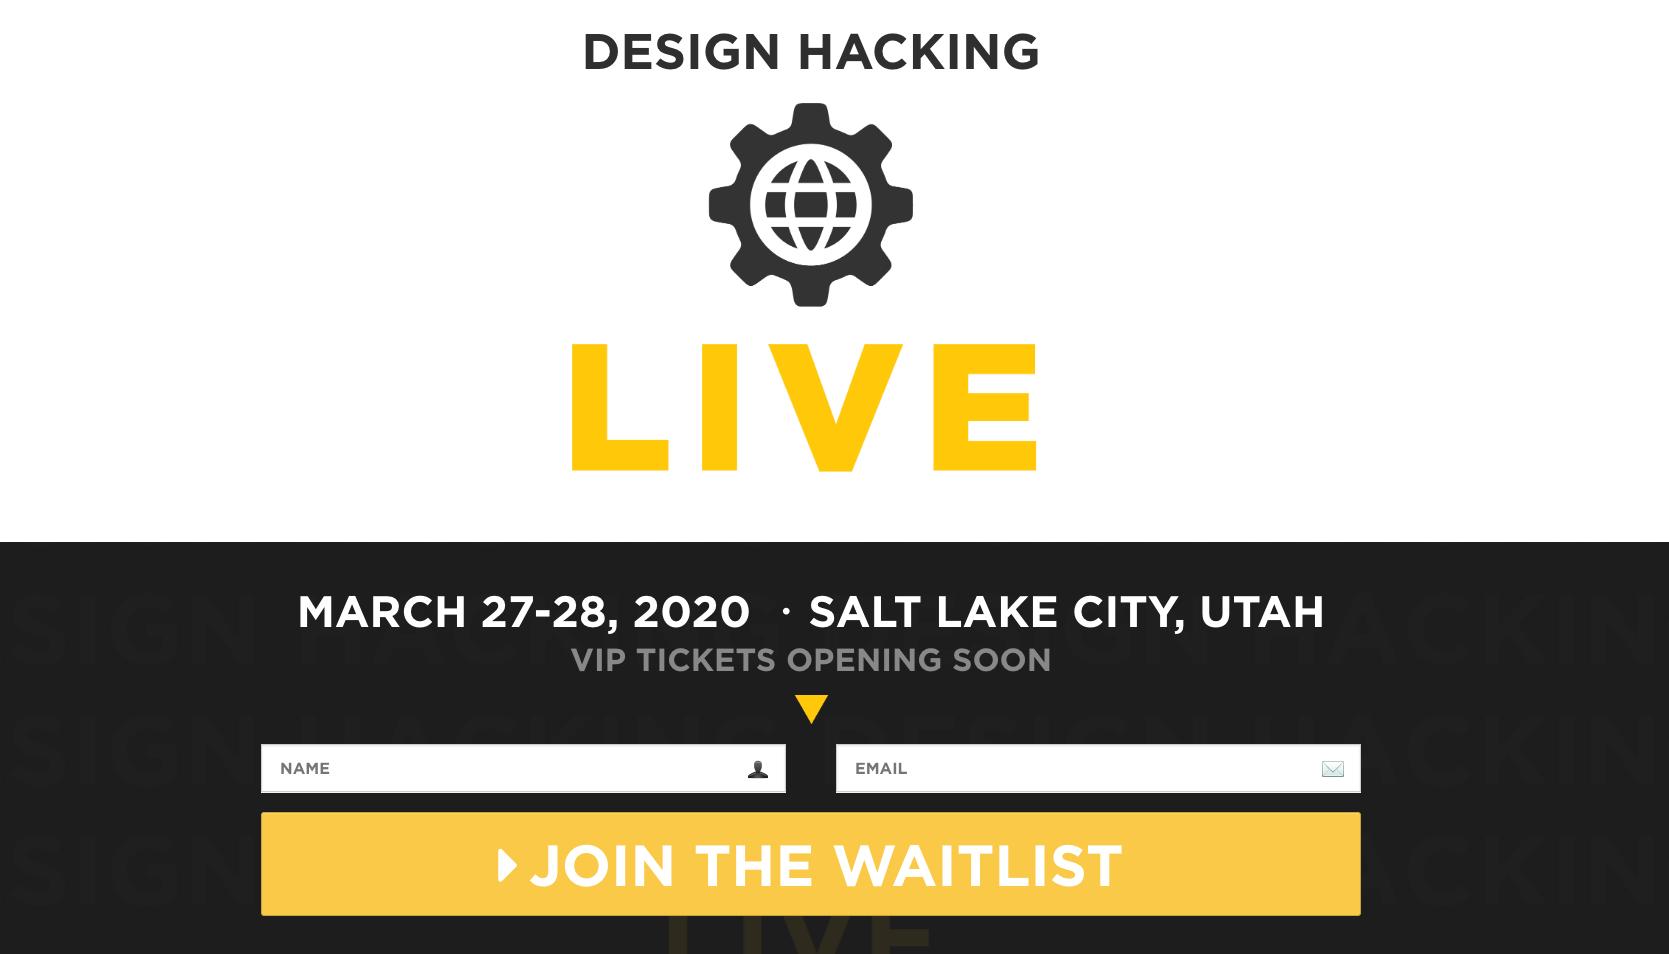 Design Hacking Live